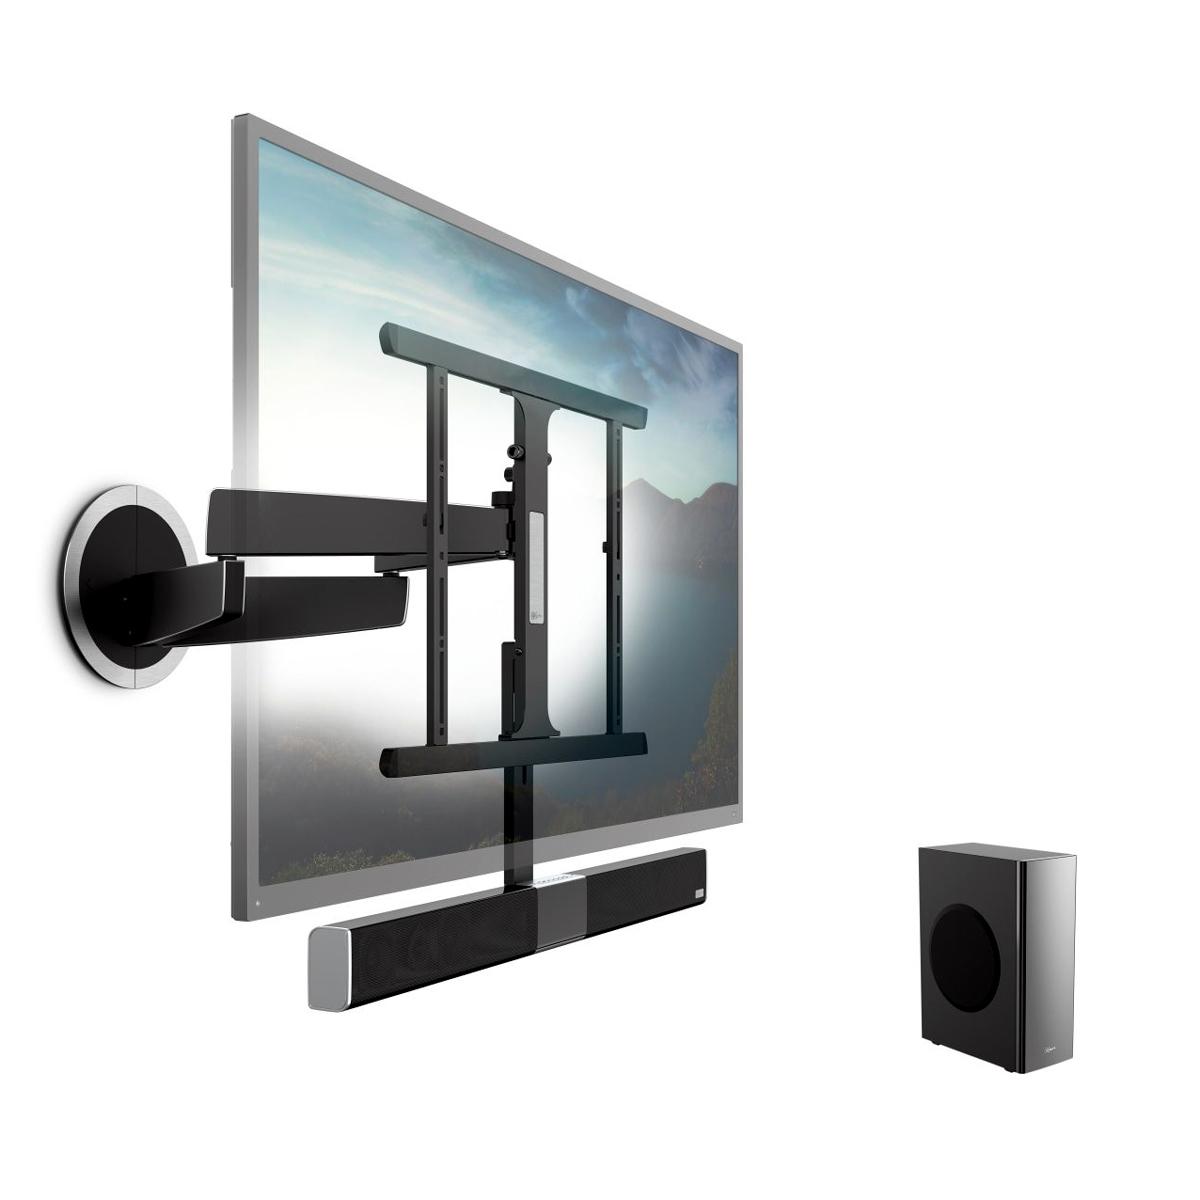 TV-Wandhalter-elektrisch schwenkbar mit intergrierter Soundbar mit Subwoofer. Modell Next 8375 von Vogels.